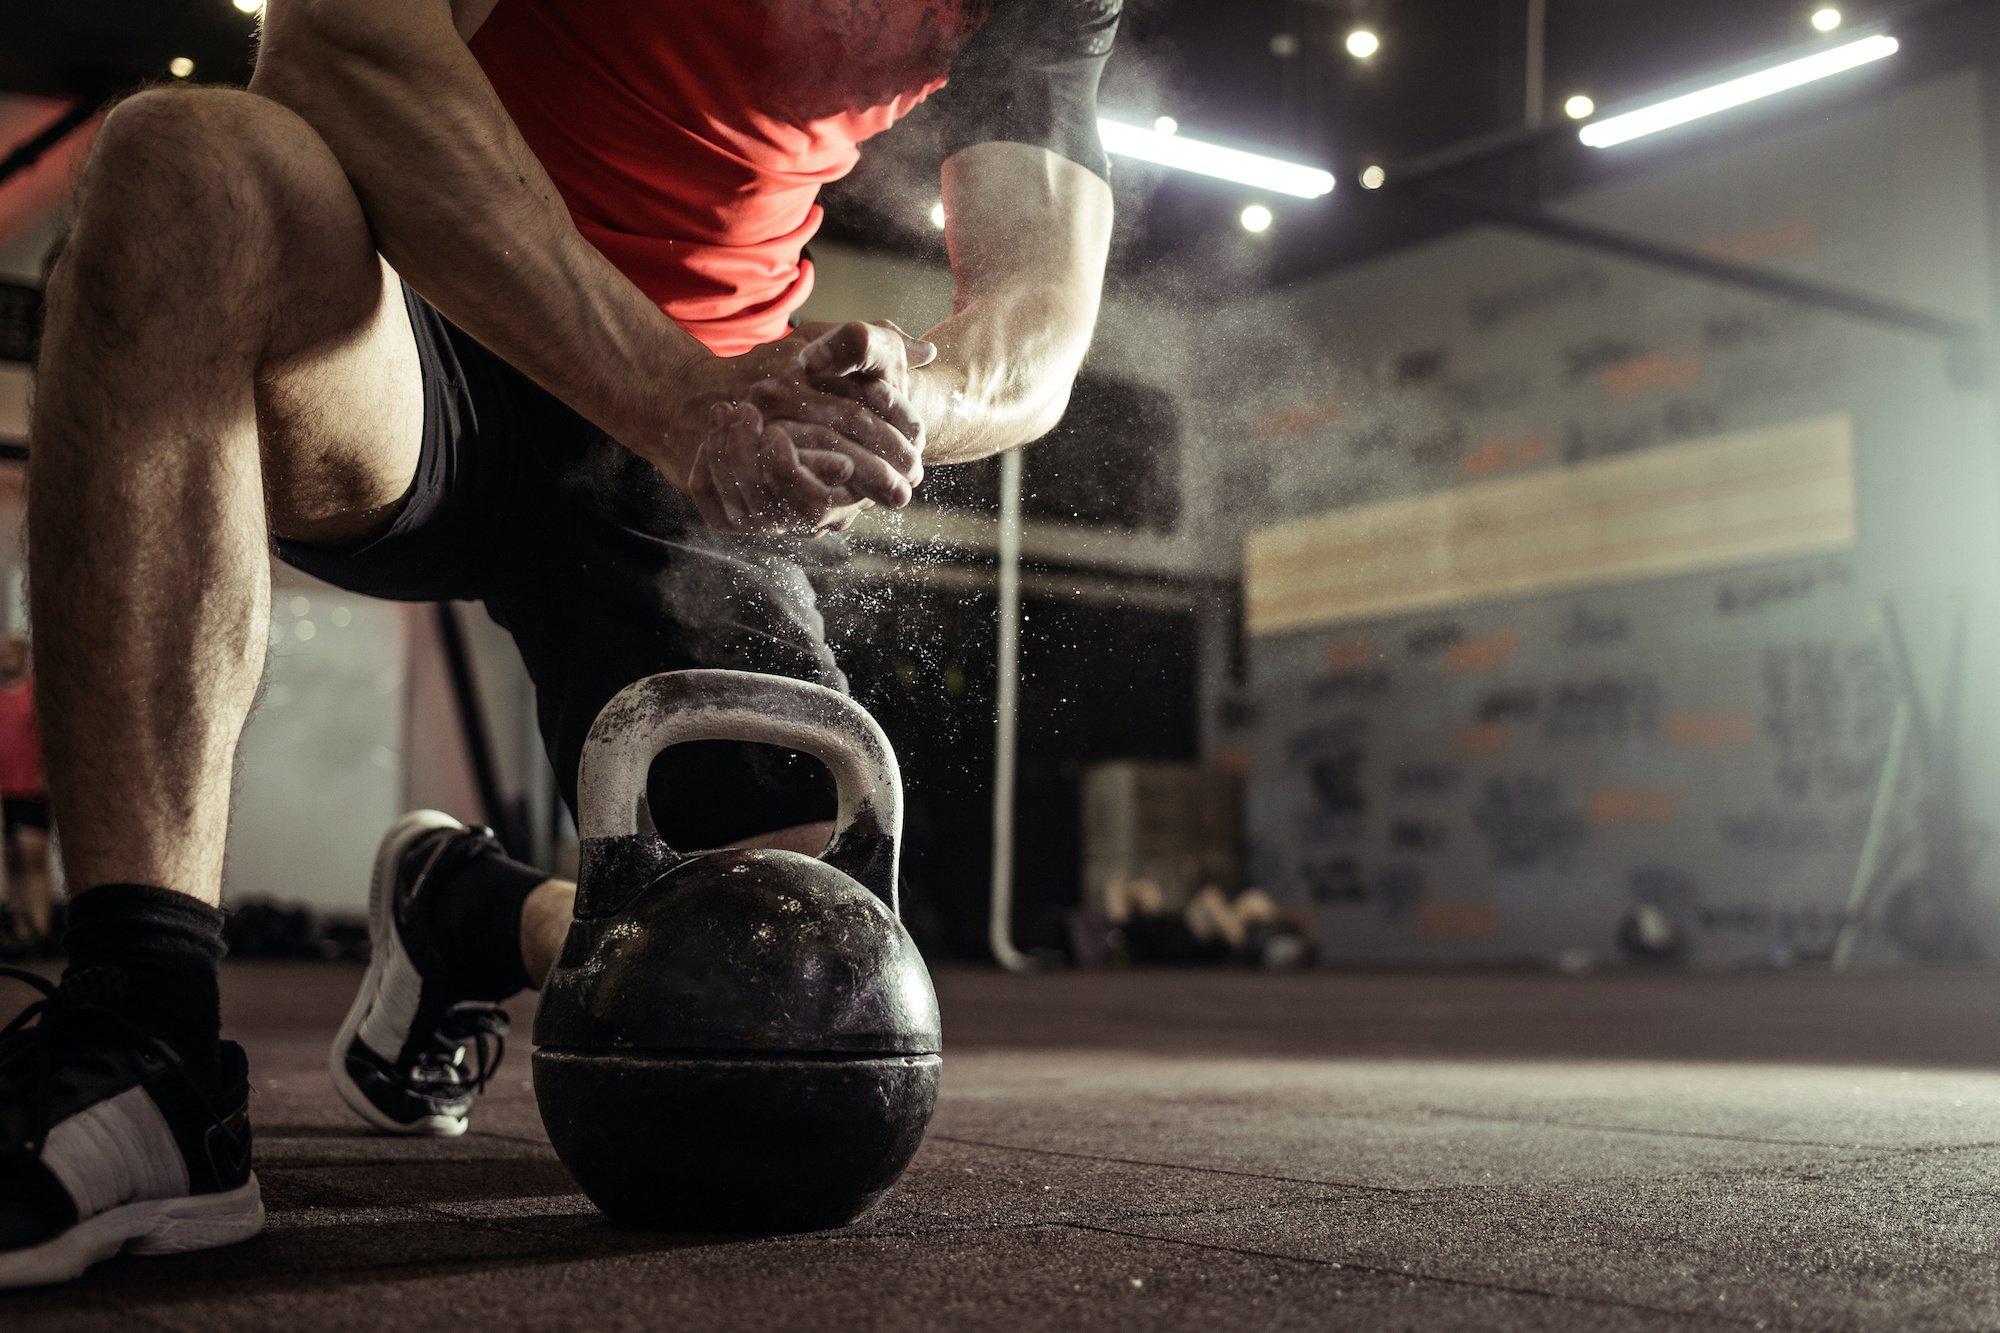 A pandemia vem impondo diversos desafios para as pessoas, e um deles é a prática de atividades físicas. Tivemos que nos adaptar às circunstâncias para manter a saúde. Veja neste artigo como manter seus treinos mesmo com as retrições!